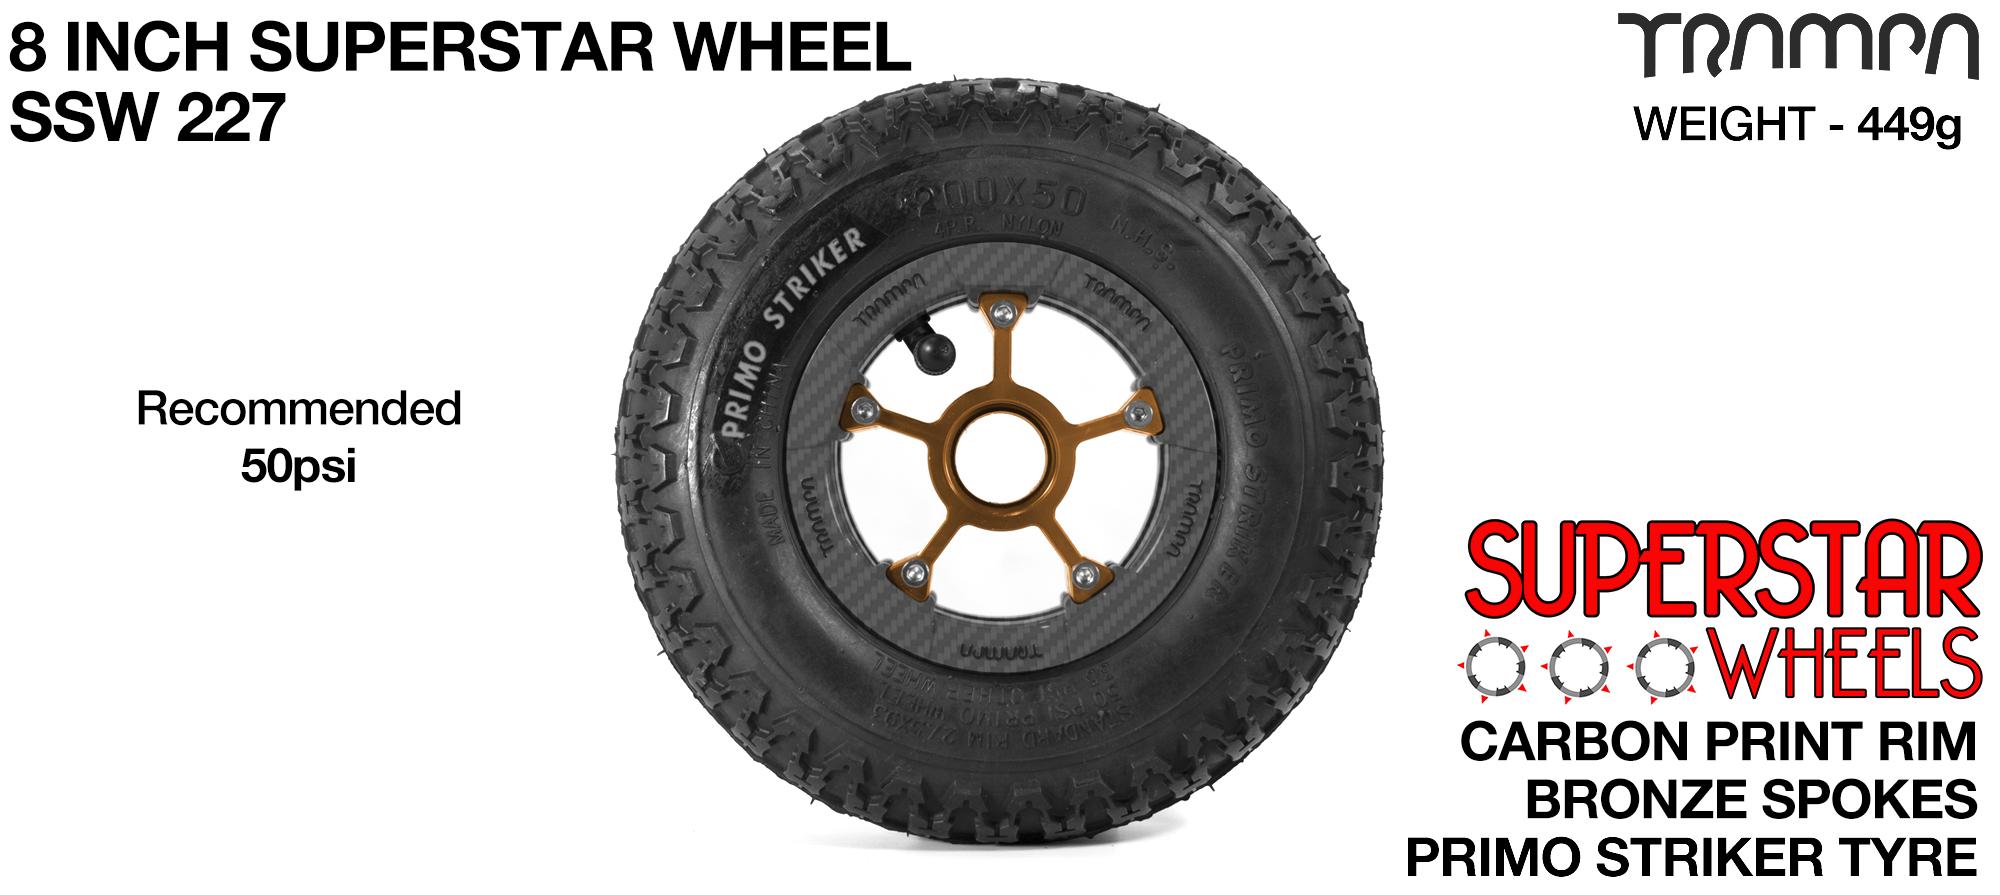 Superstar 8 Inch Wheel - Carbon Superstar Rim Bronze Anodised Spokes & Primo Striker 8 Inch Tyre